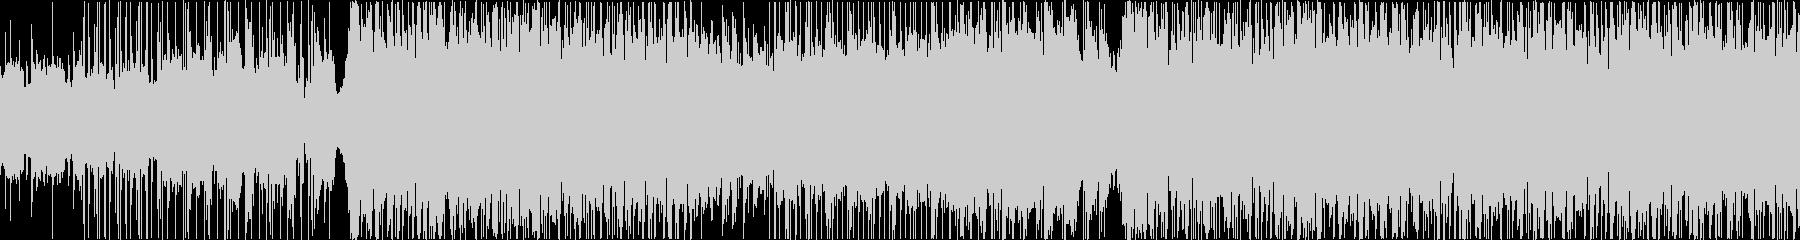 【ループ】壮大/感動的/バラードの未再生の波形